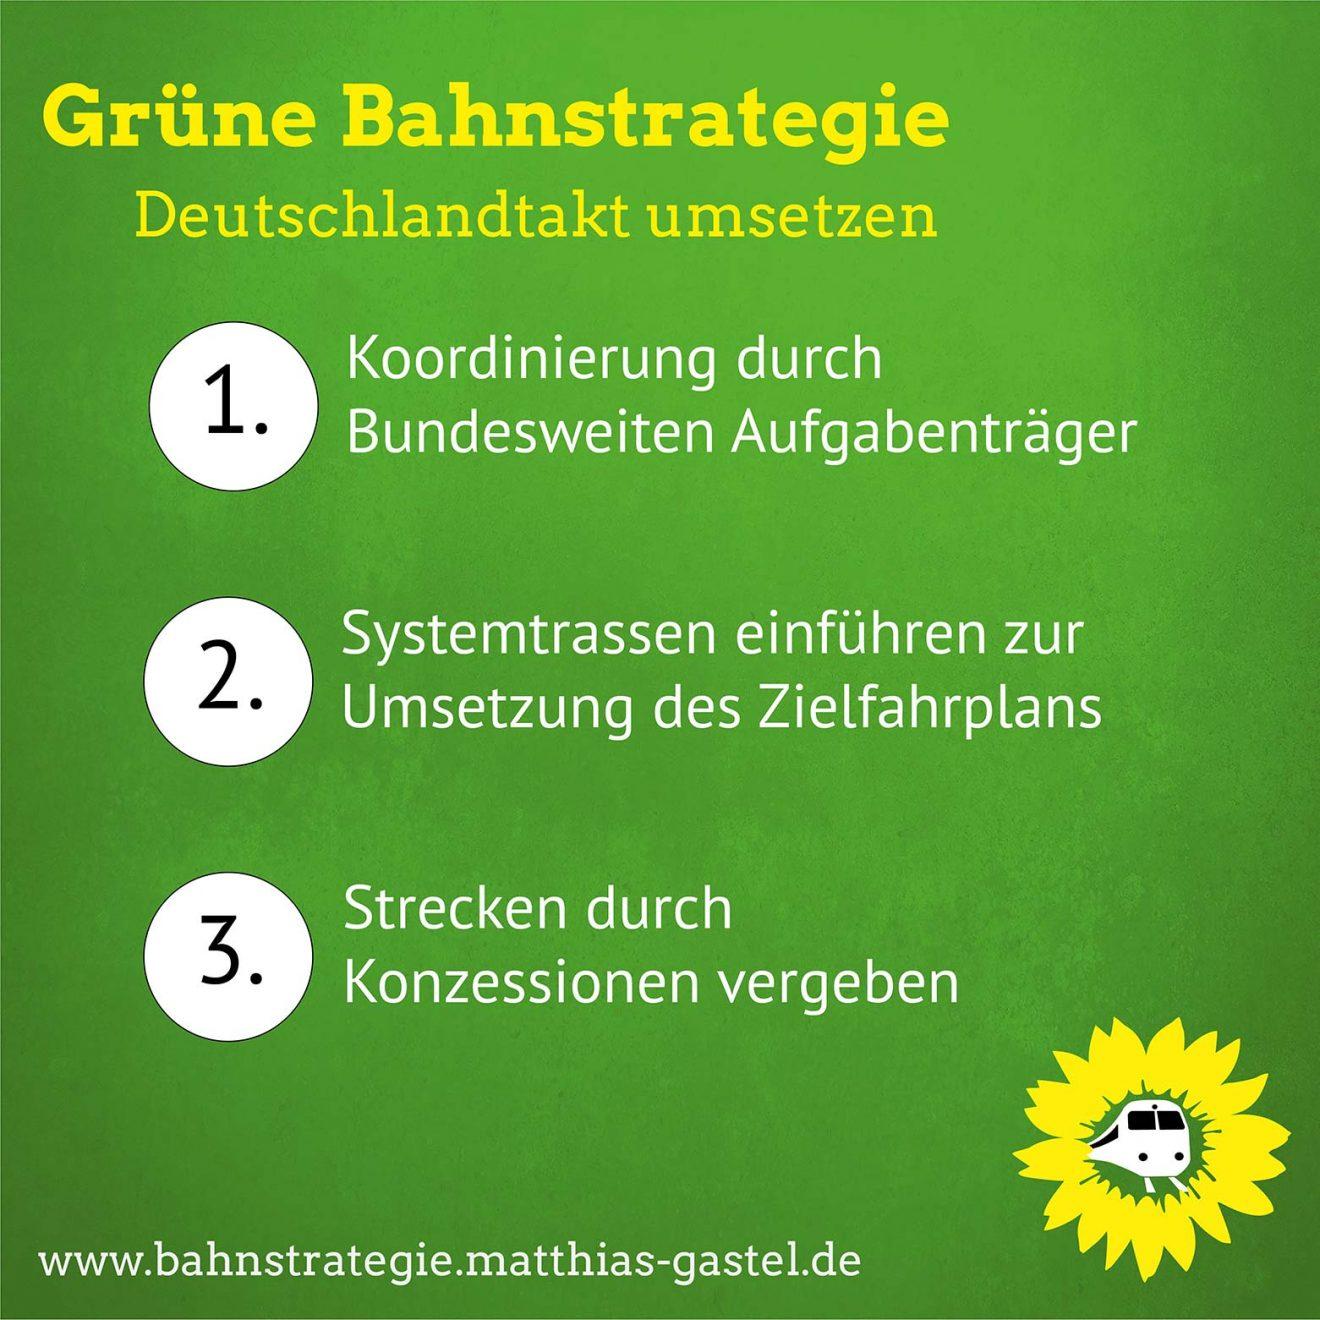 3 Punkte zur Umsetzung Deutschlandtakt